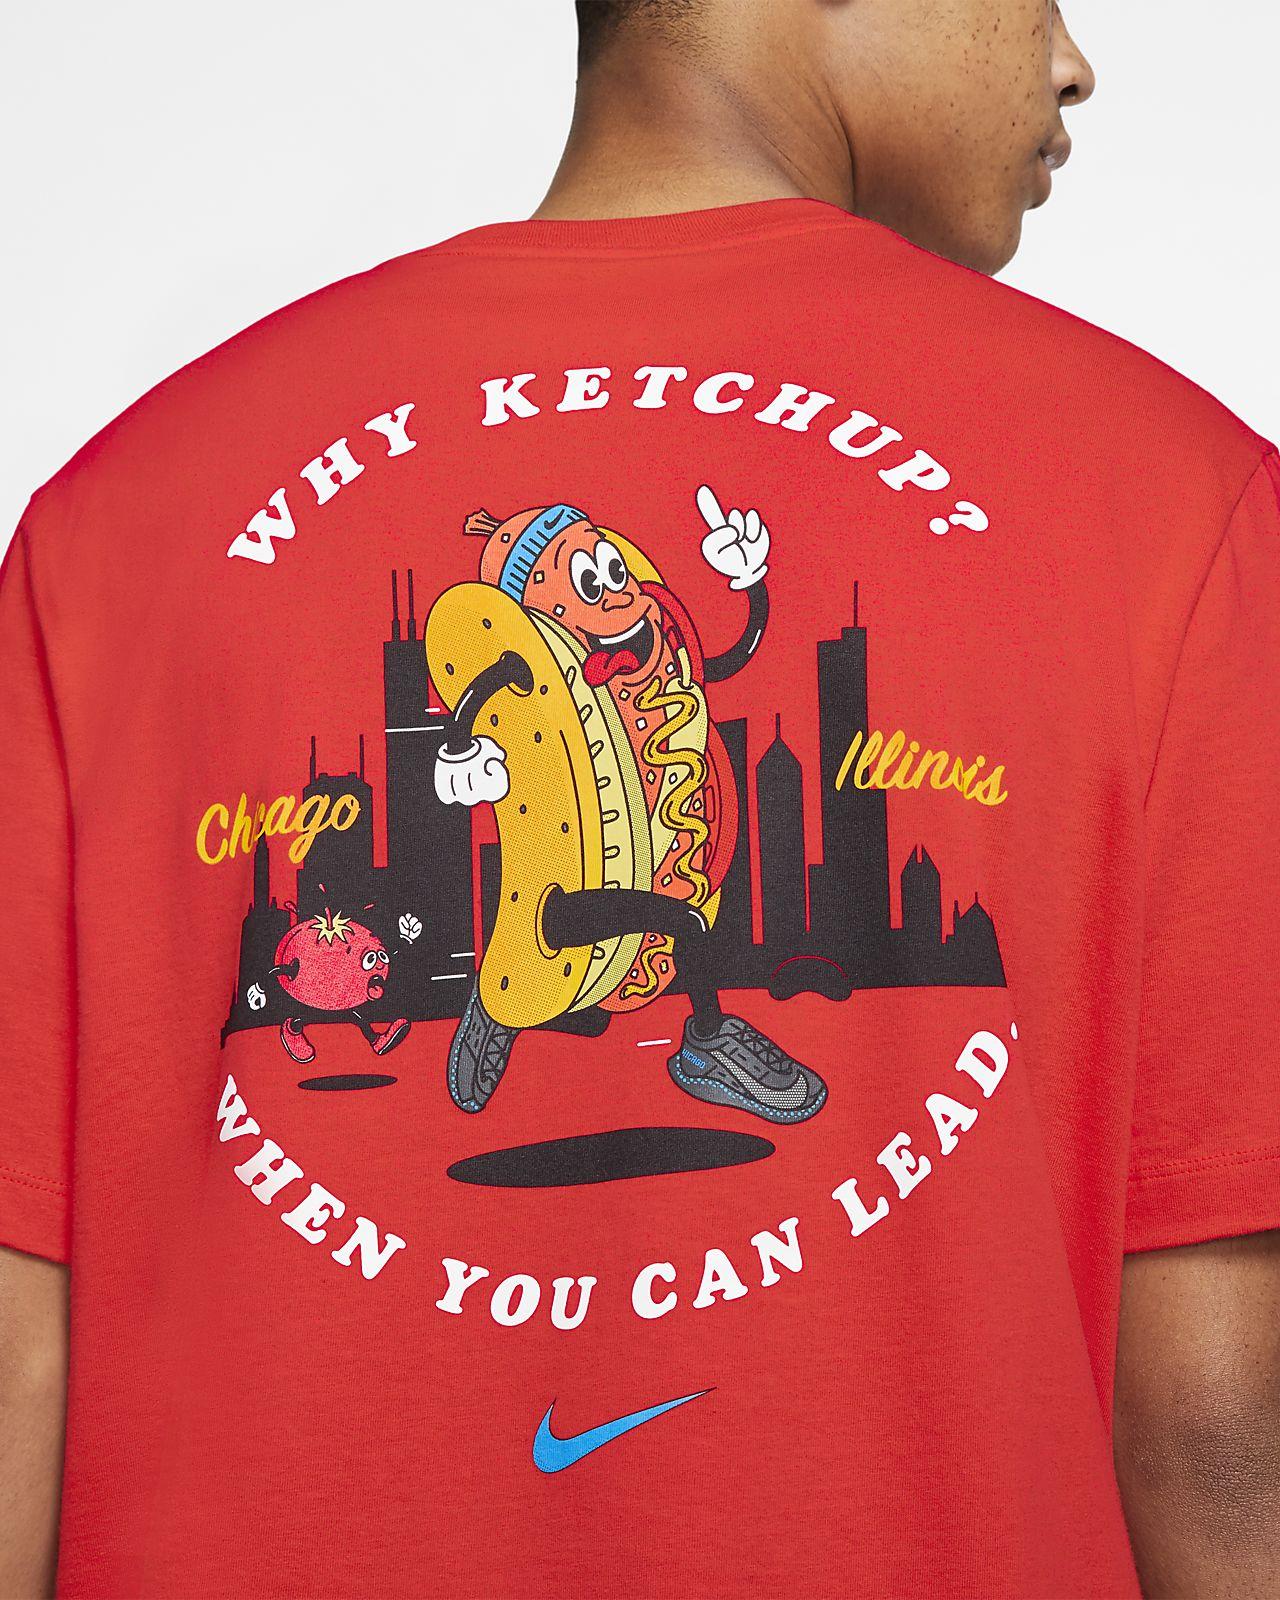 nike shirt ca#05553